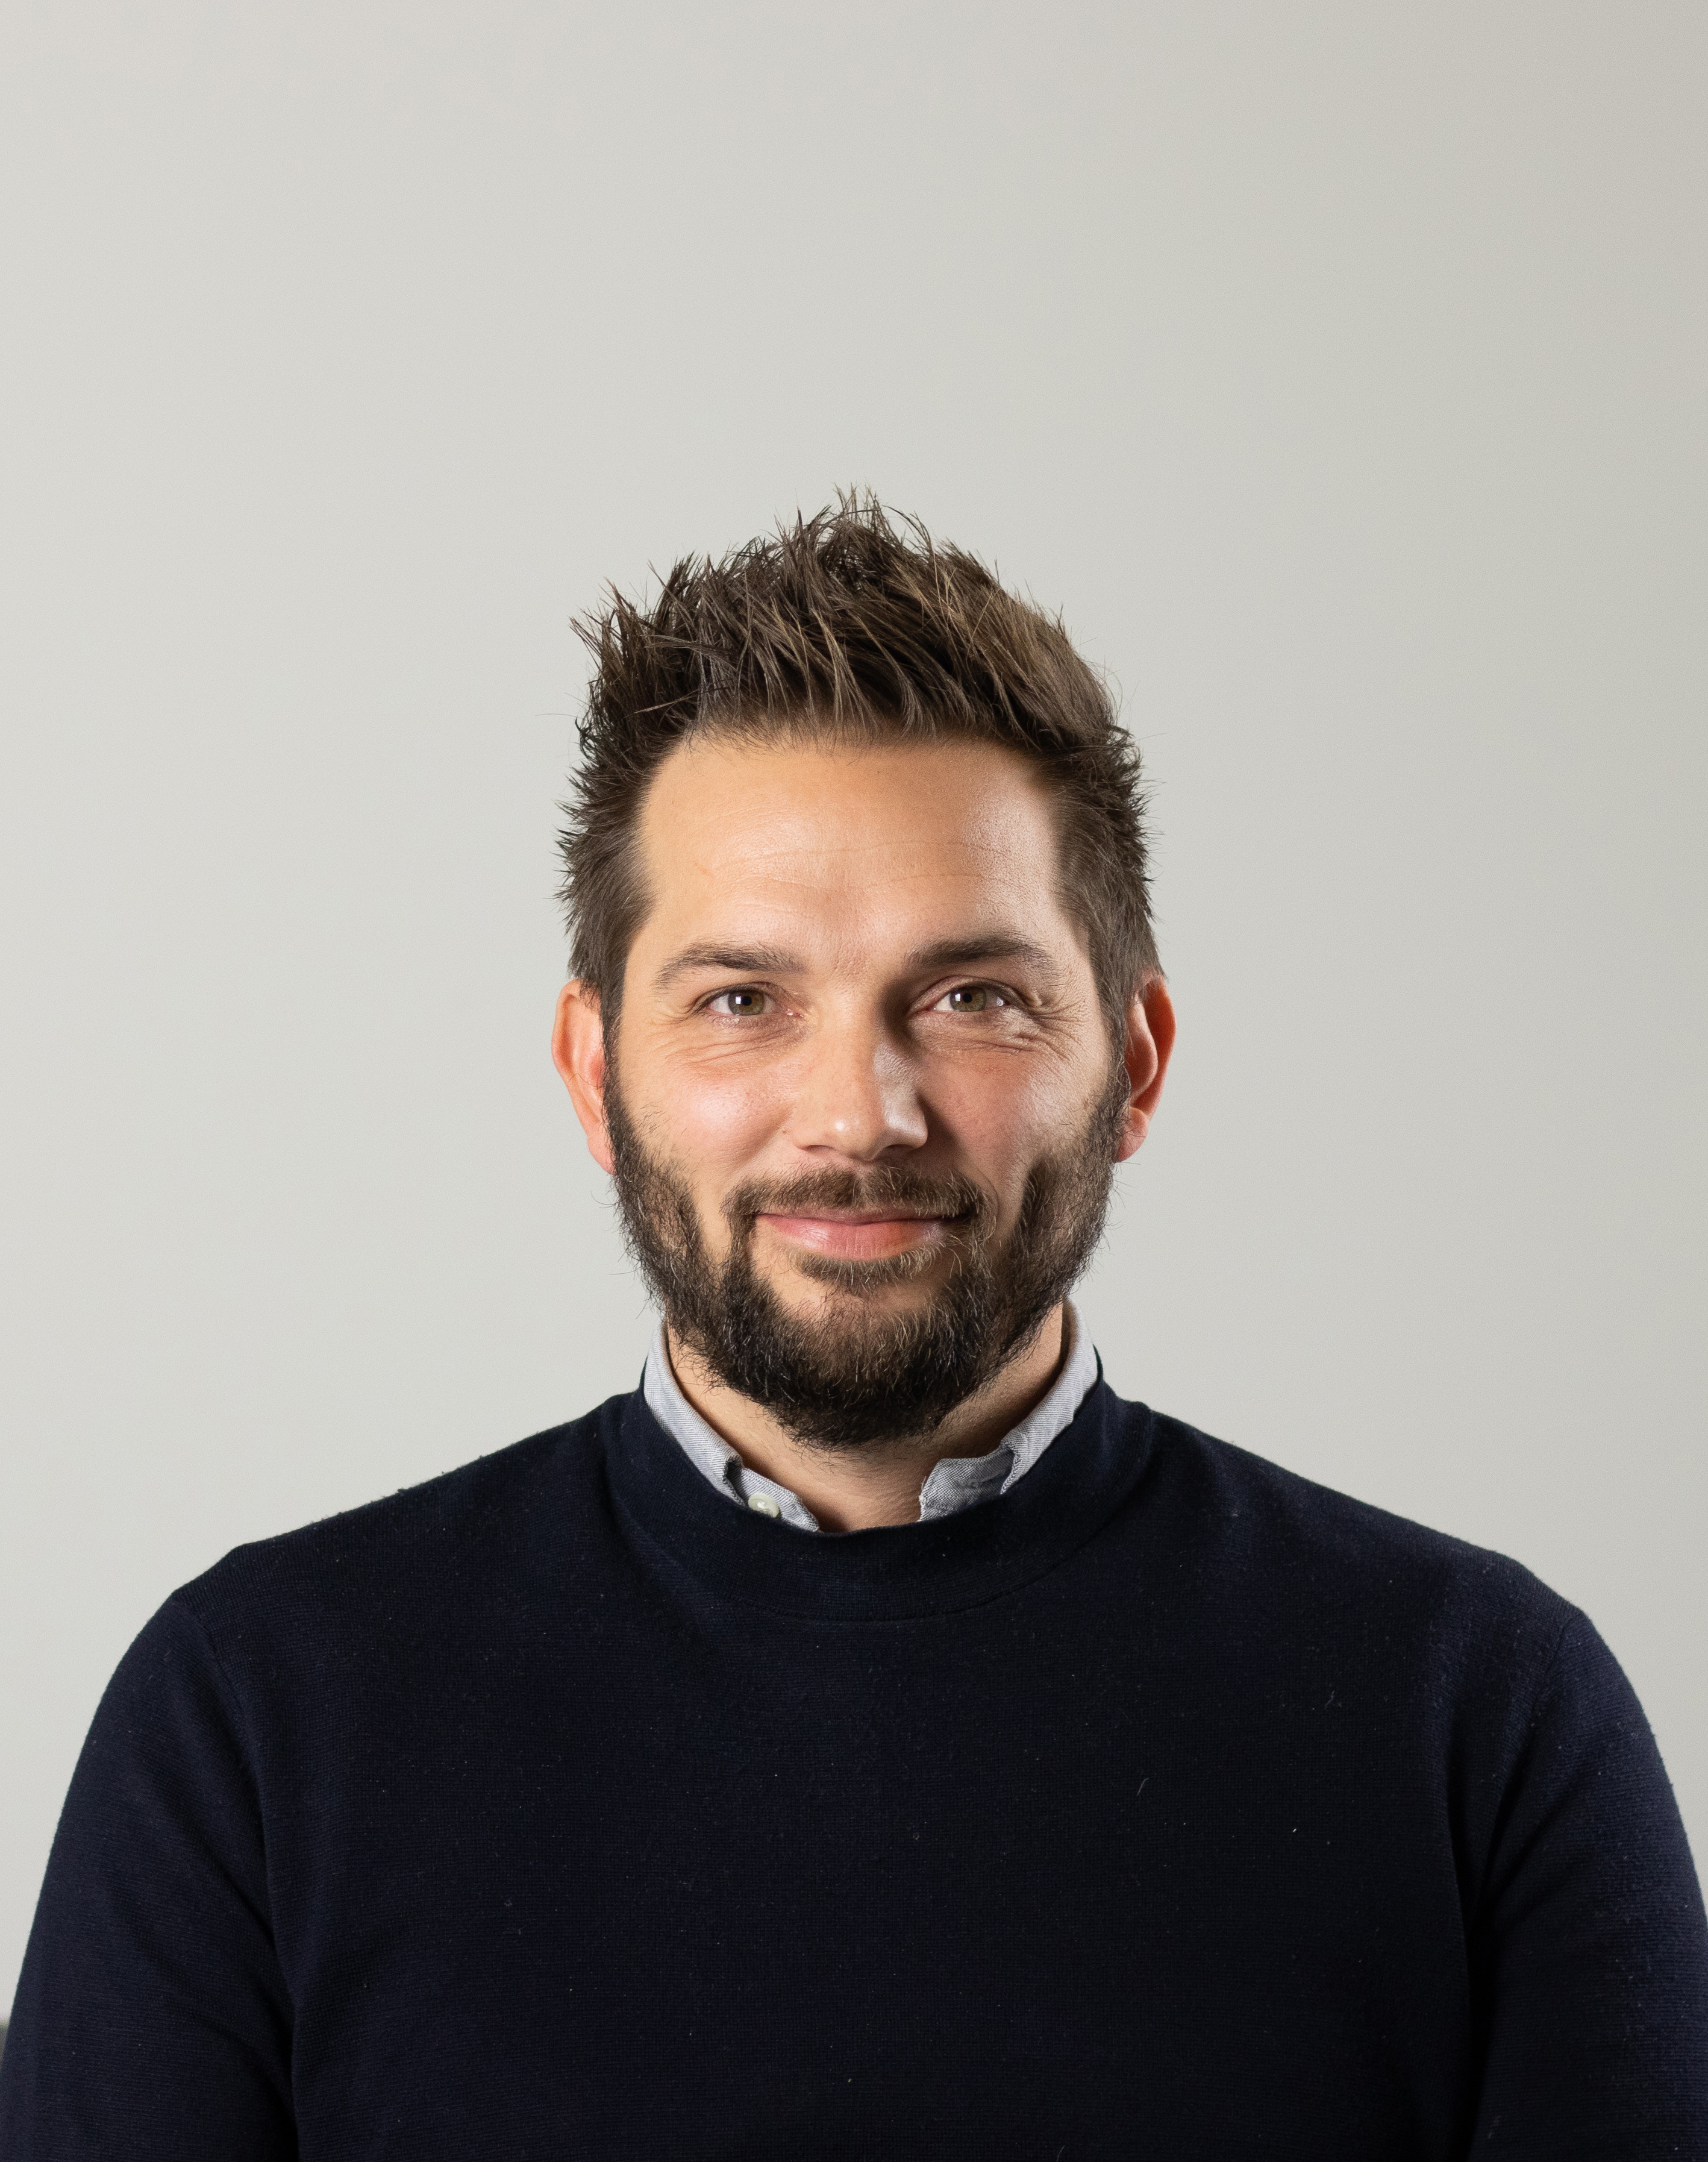 Steffen Thomsen